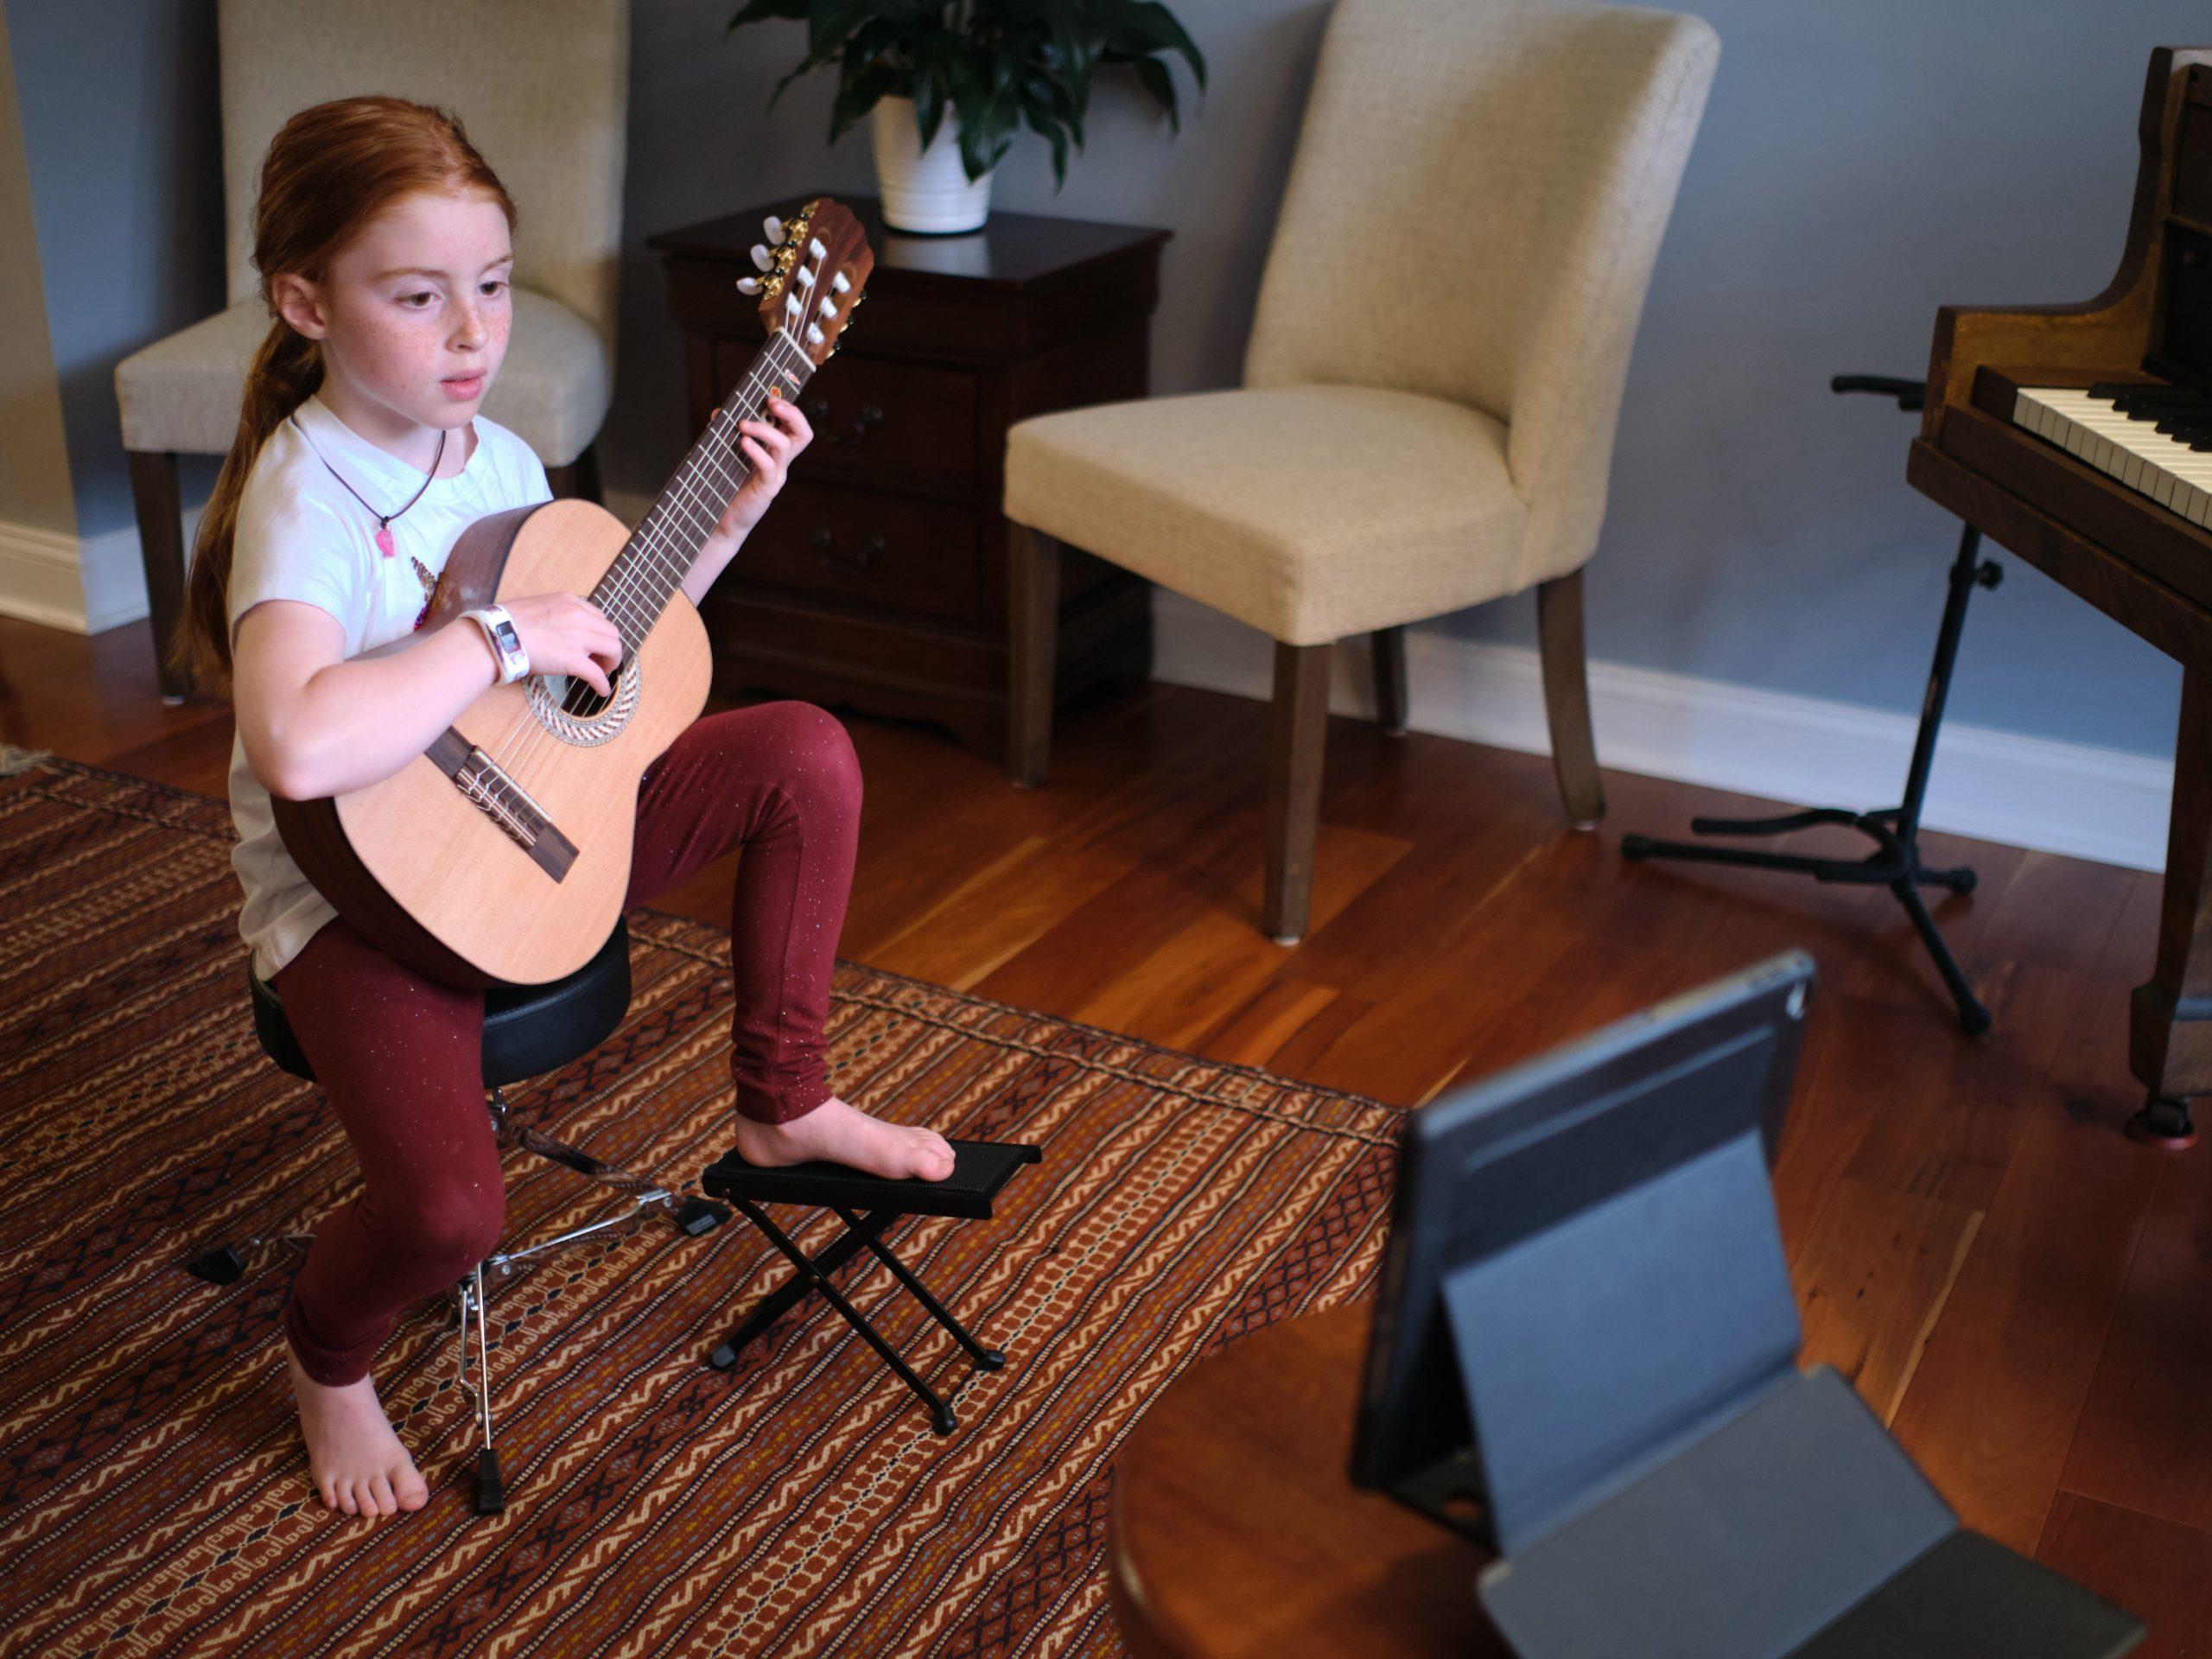 Finding Their Rhythm